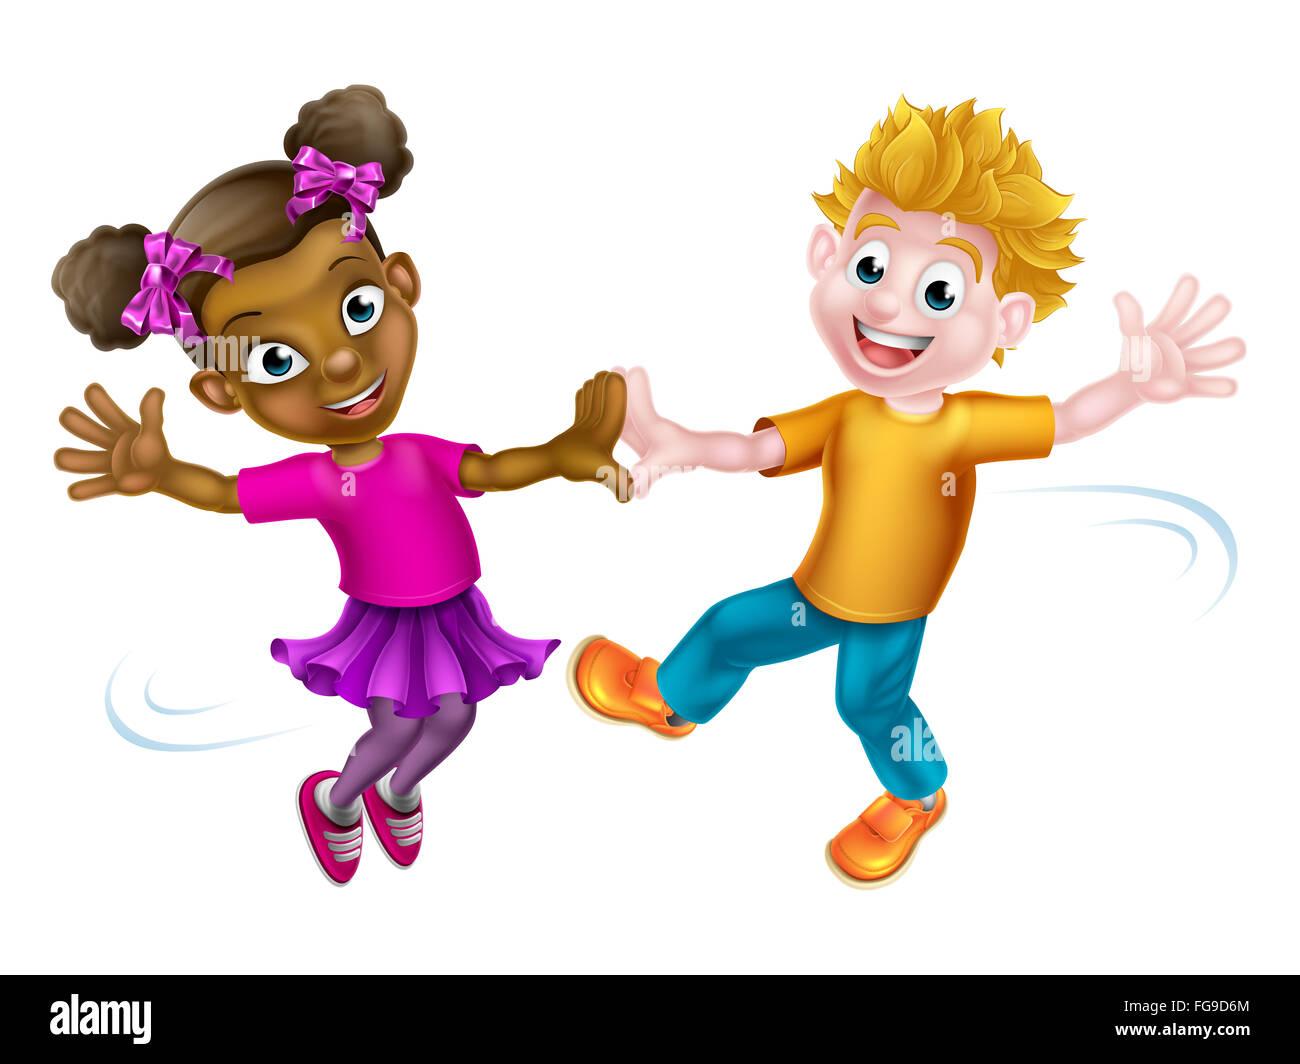 Deux Enfants De Dessin Animé Un Garçon Blanc Et Une Fille